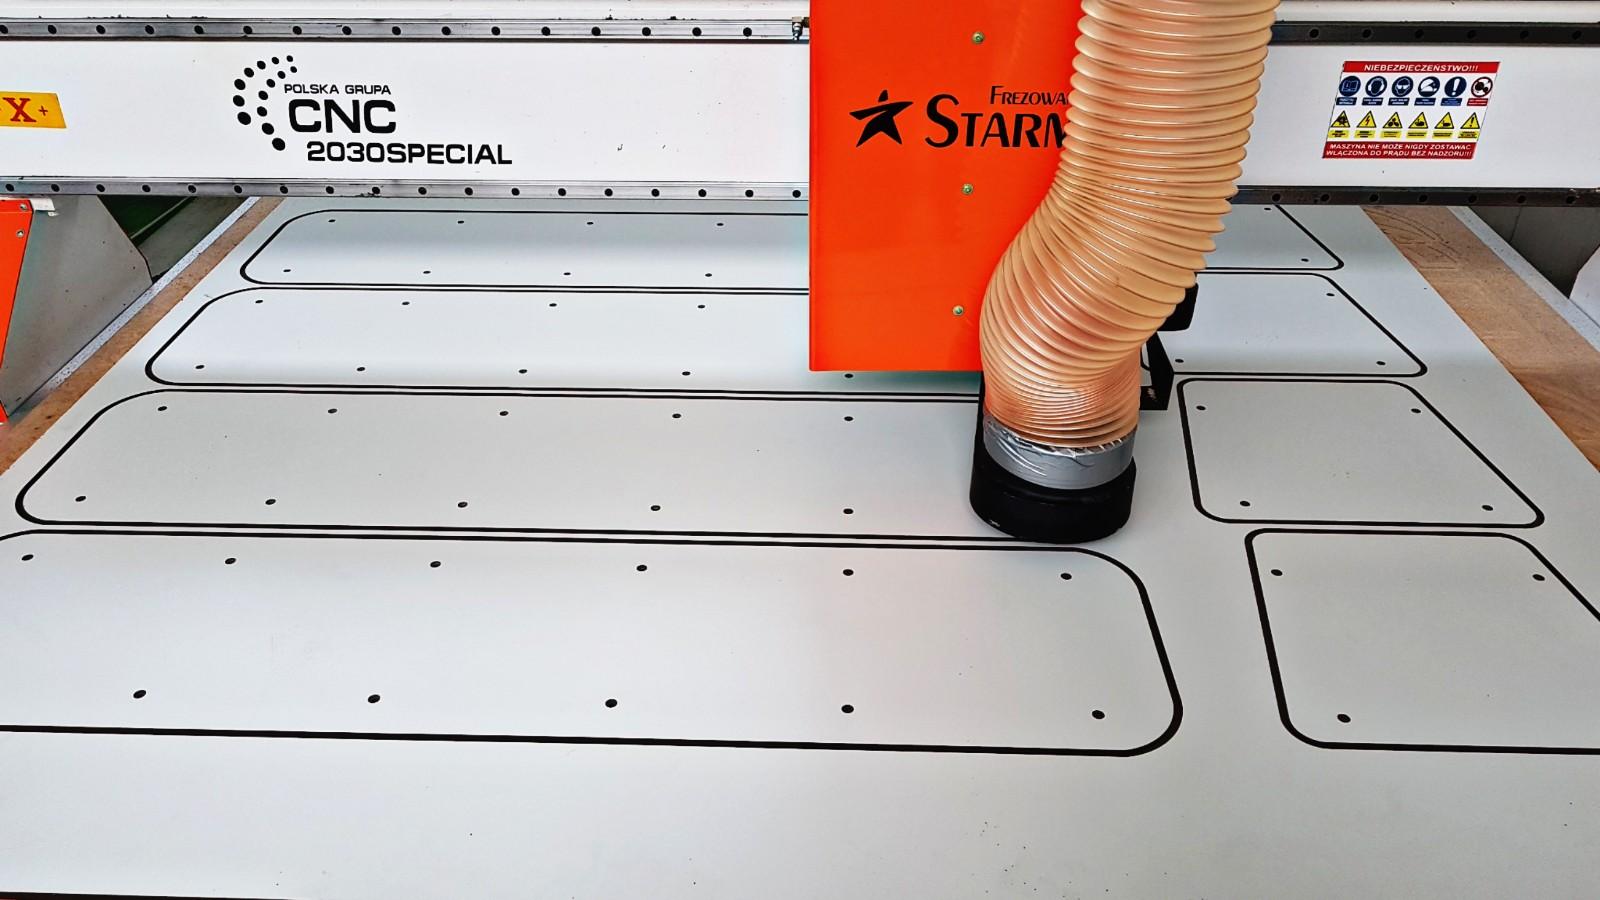 Cięcie i frezowanie płyt hpl elementy na place zabaw Starmax